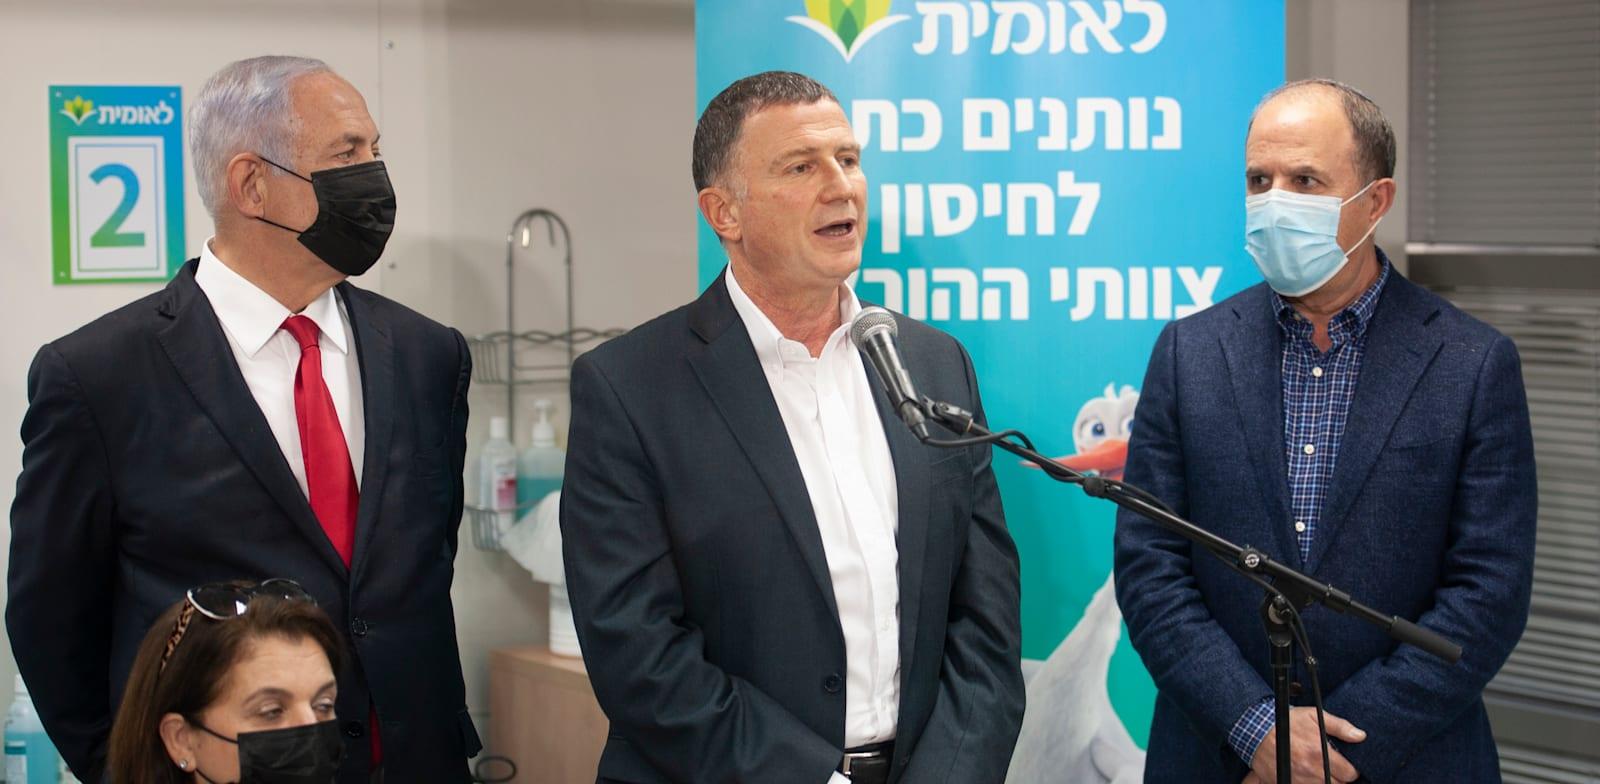 שר הבריאות יולי אדלשטיין וראש הממשלה בנימין נתניהו במתחם חיסוני הקורונה בקופת-חולים לאומית באשדוד / צילום: אבי רוקח ידיעות אחרונות